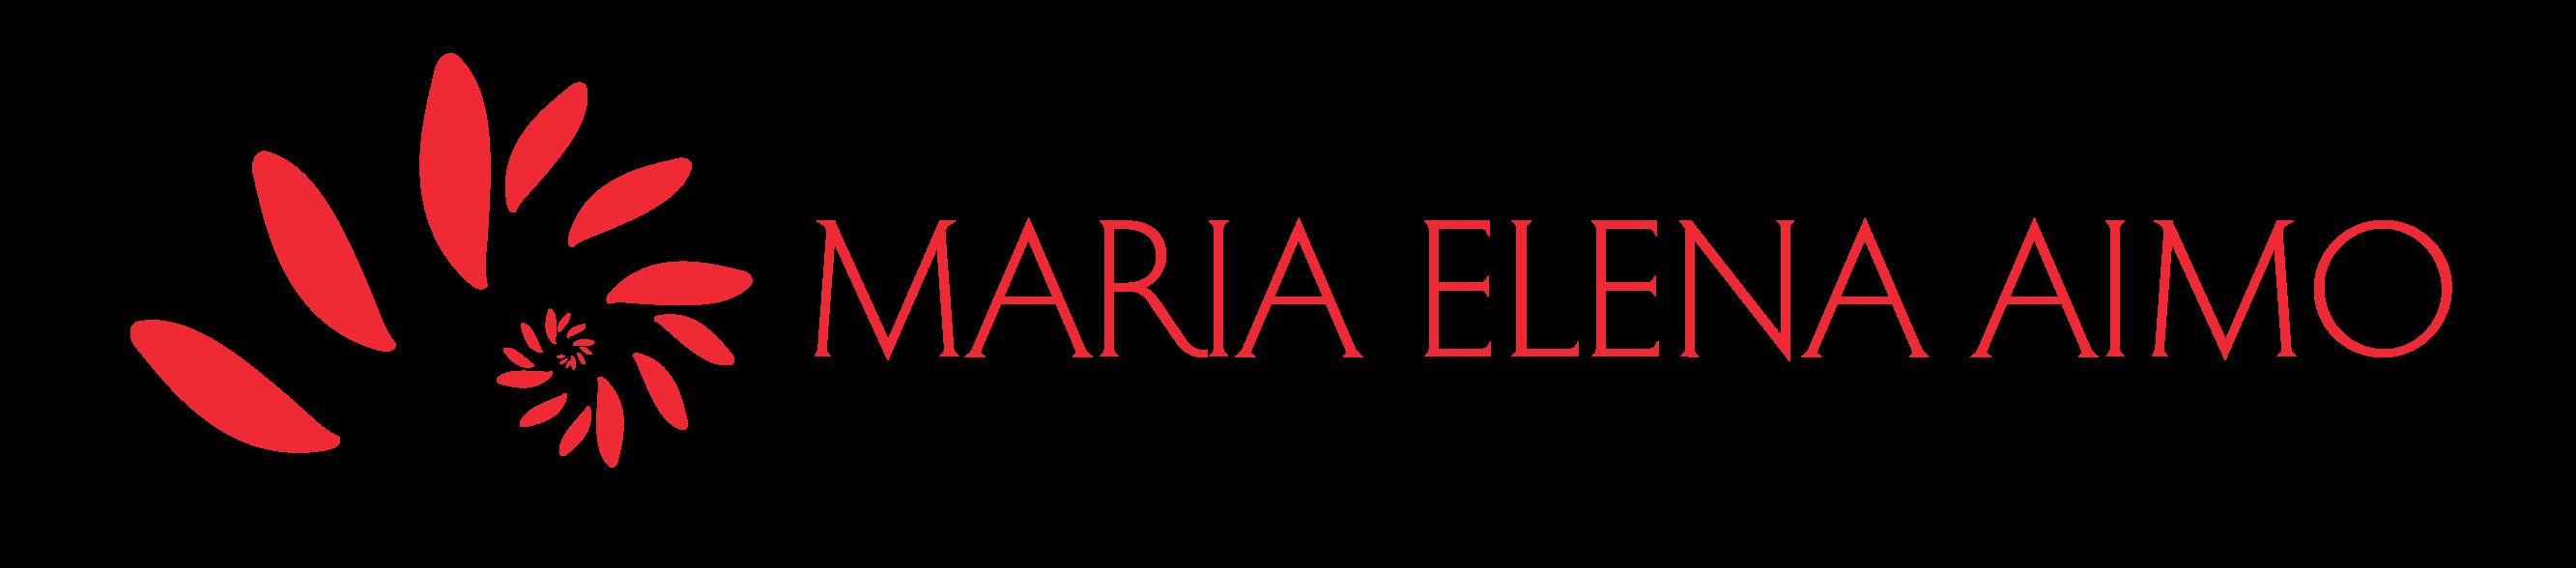 Maria Elena Aimo